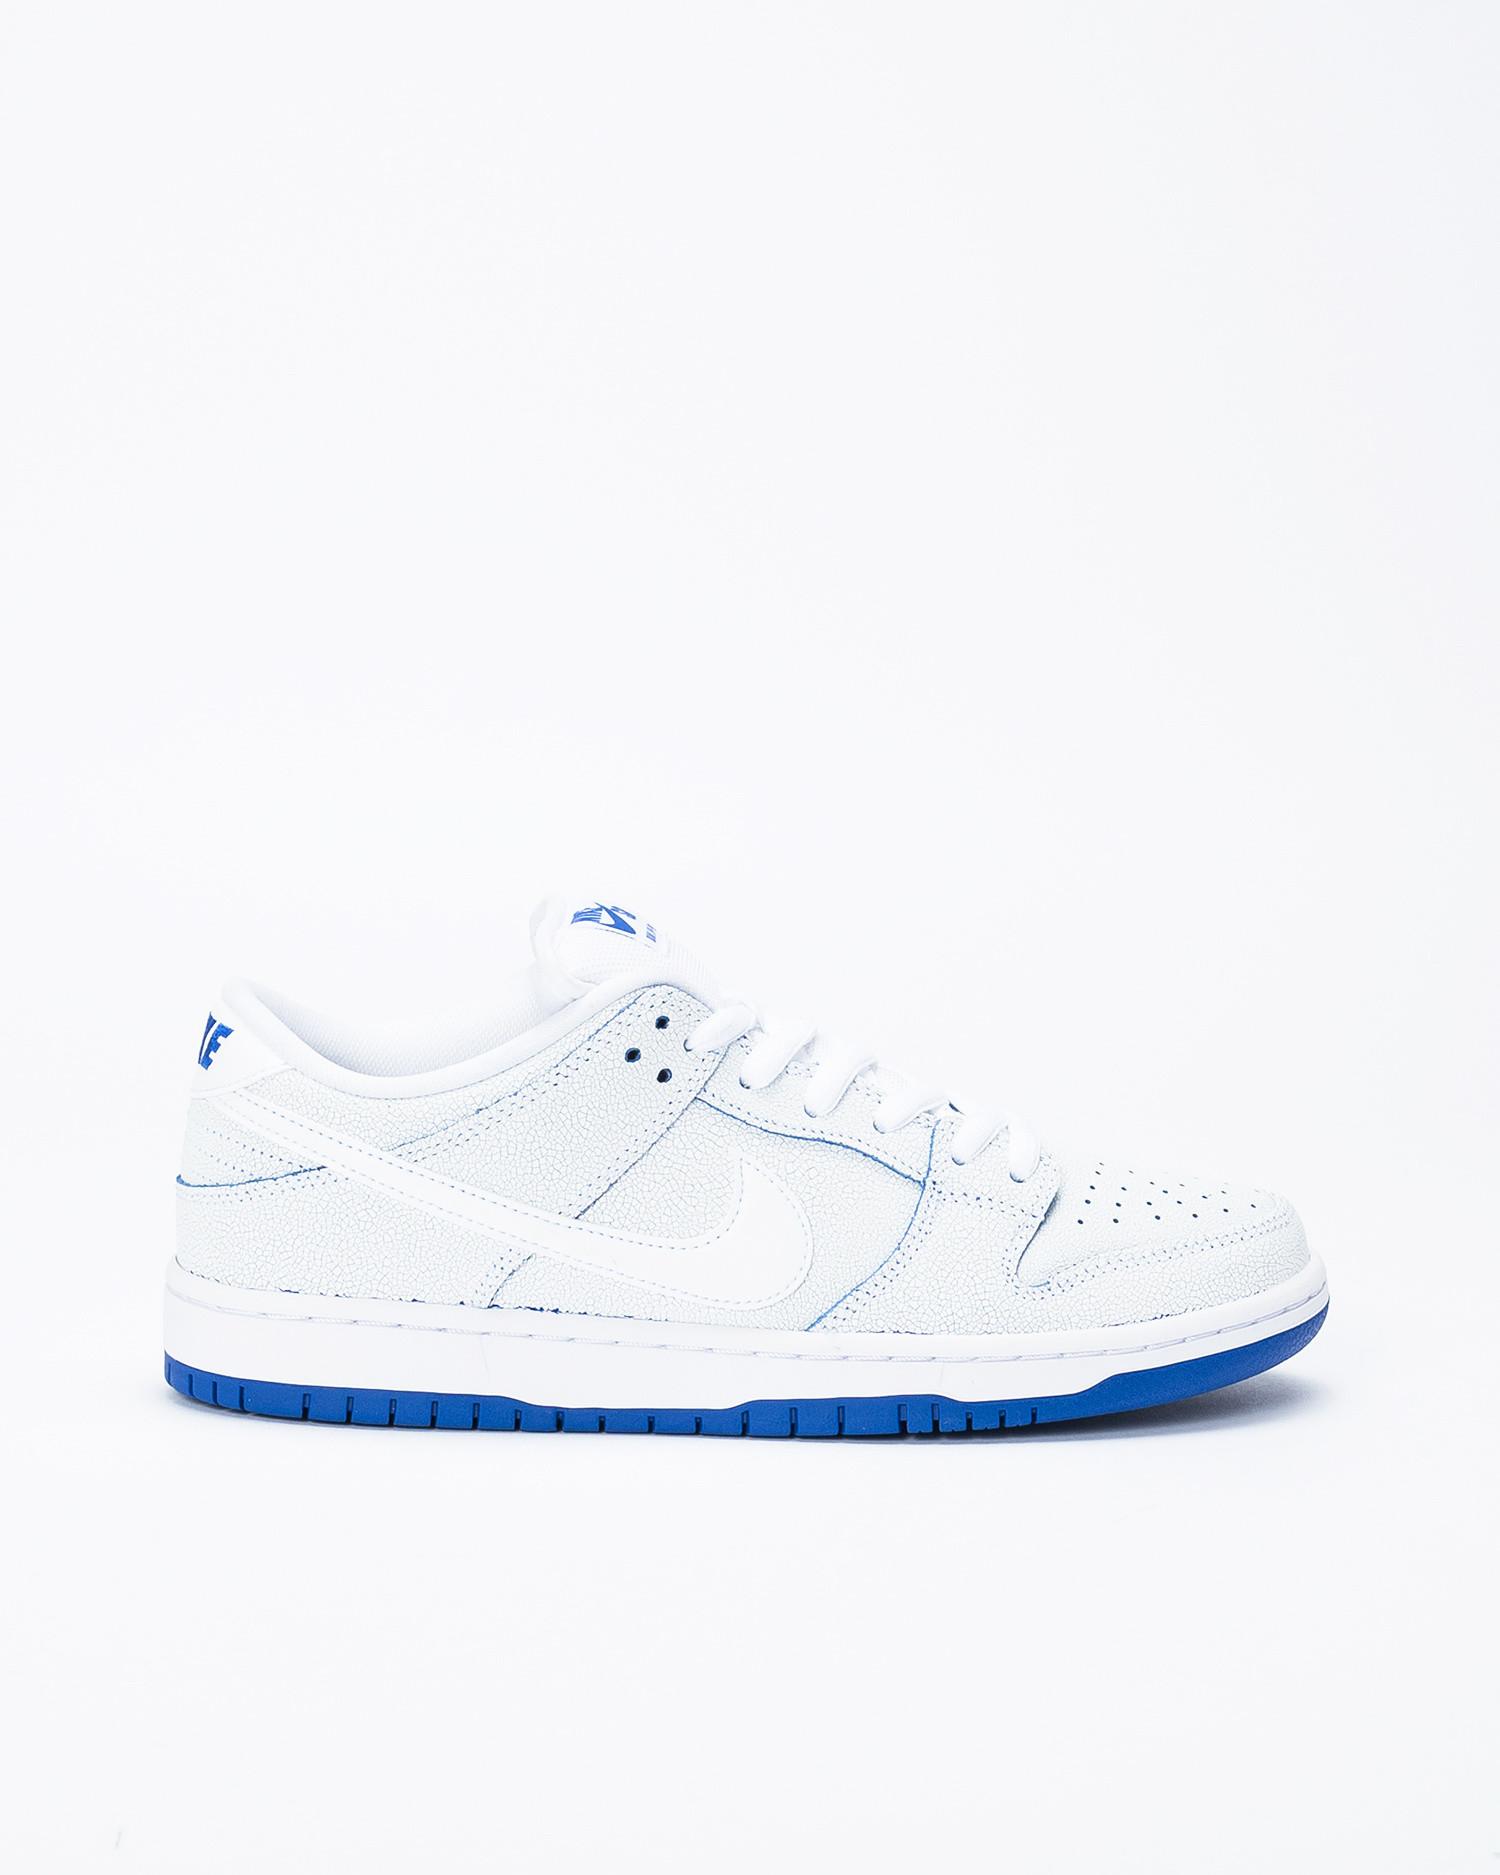 big sale a515a d2c45 Nike SB Dunk Low Pro Premium White/White